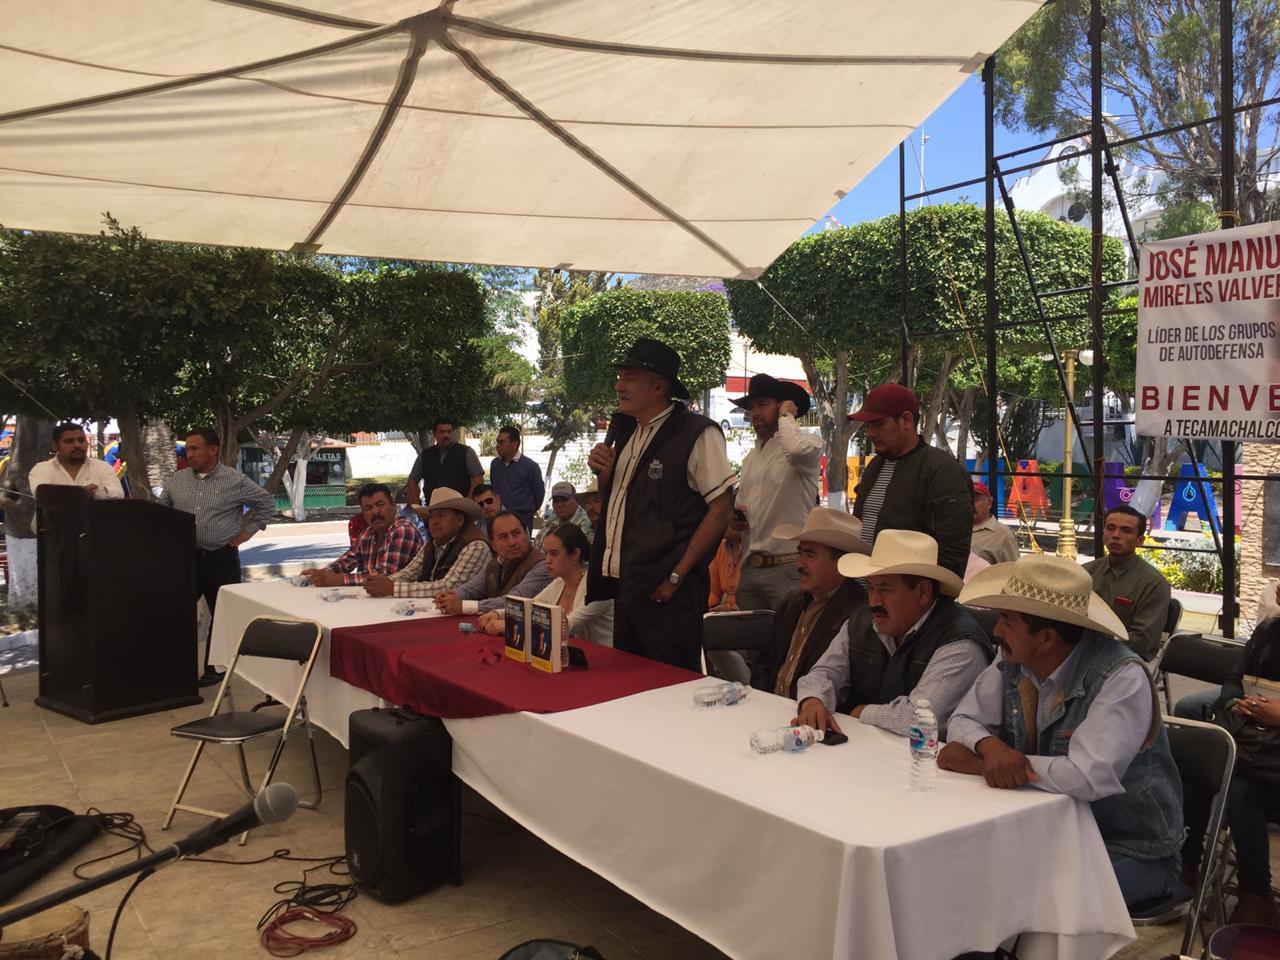 En Puebla sí hay autodefensas: Mireles Valverde